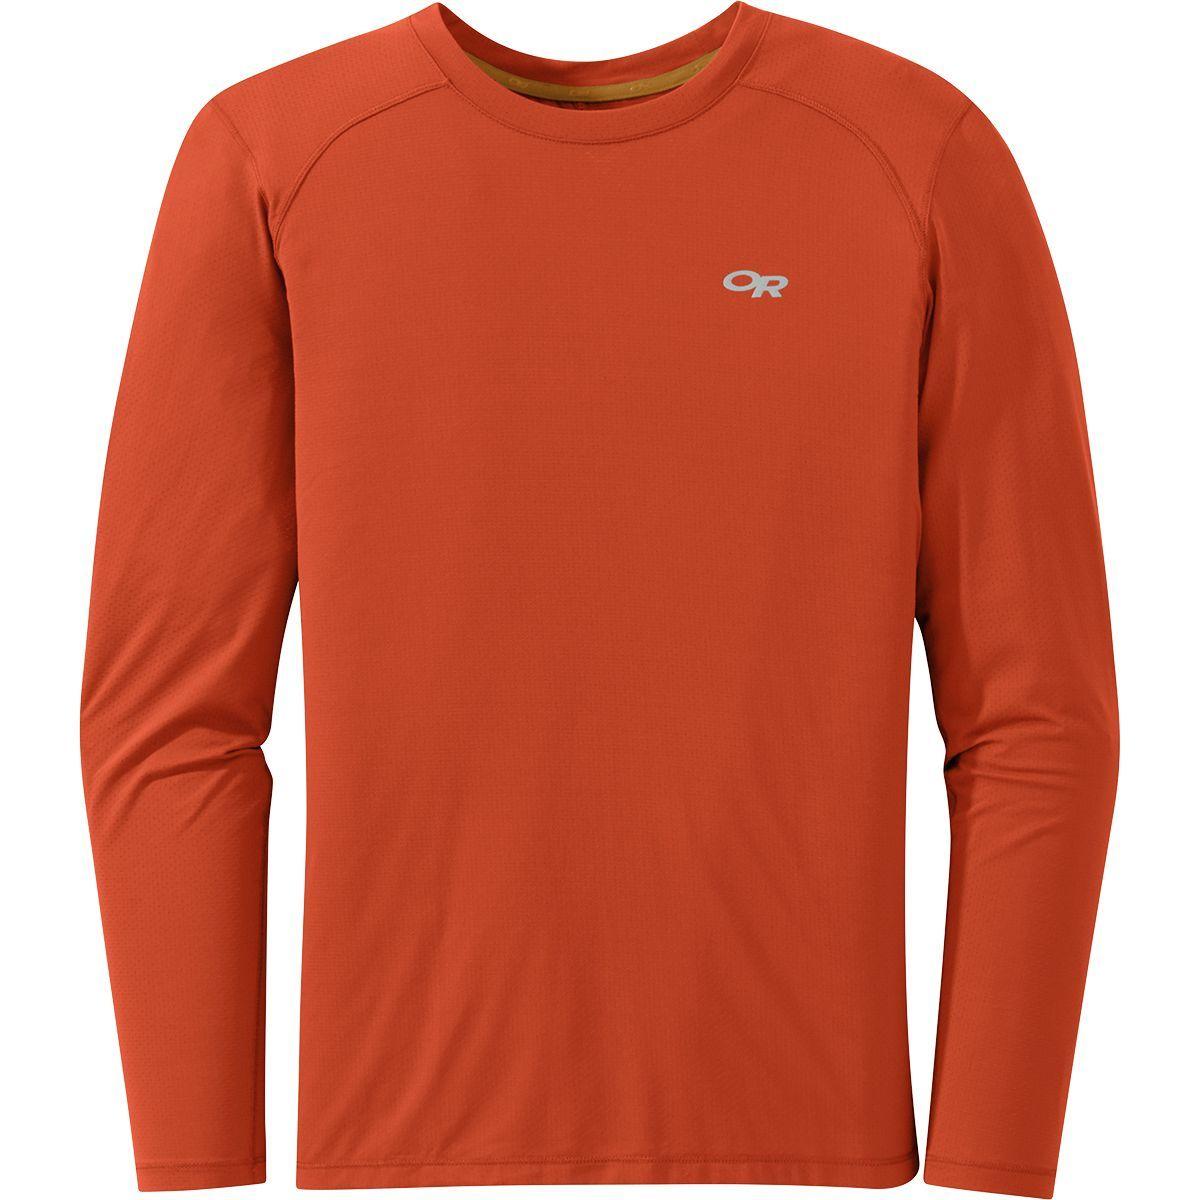 Outdoor Research Deception Long-Sleeve T-Shirt - Men's